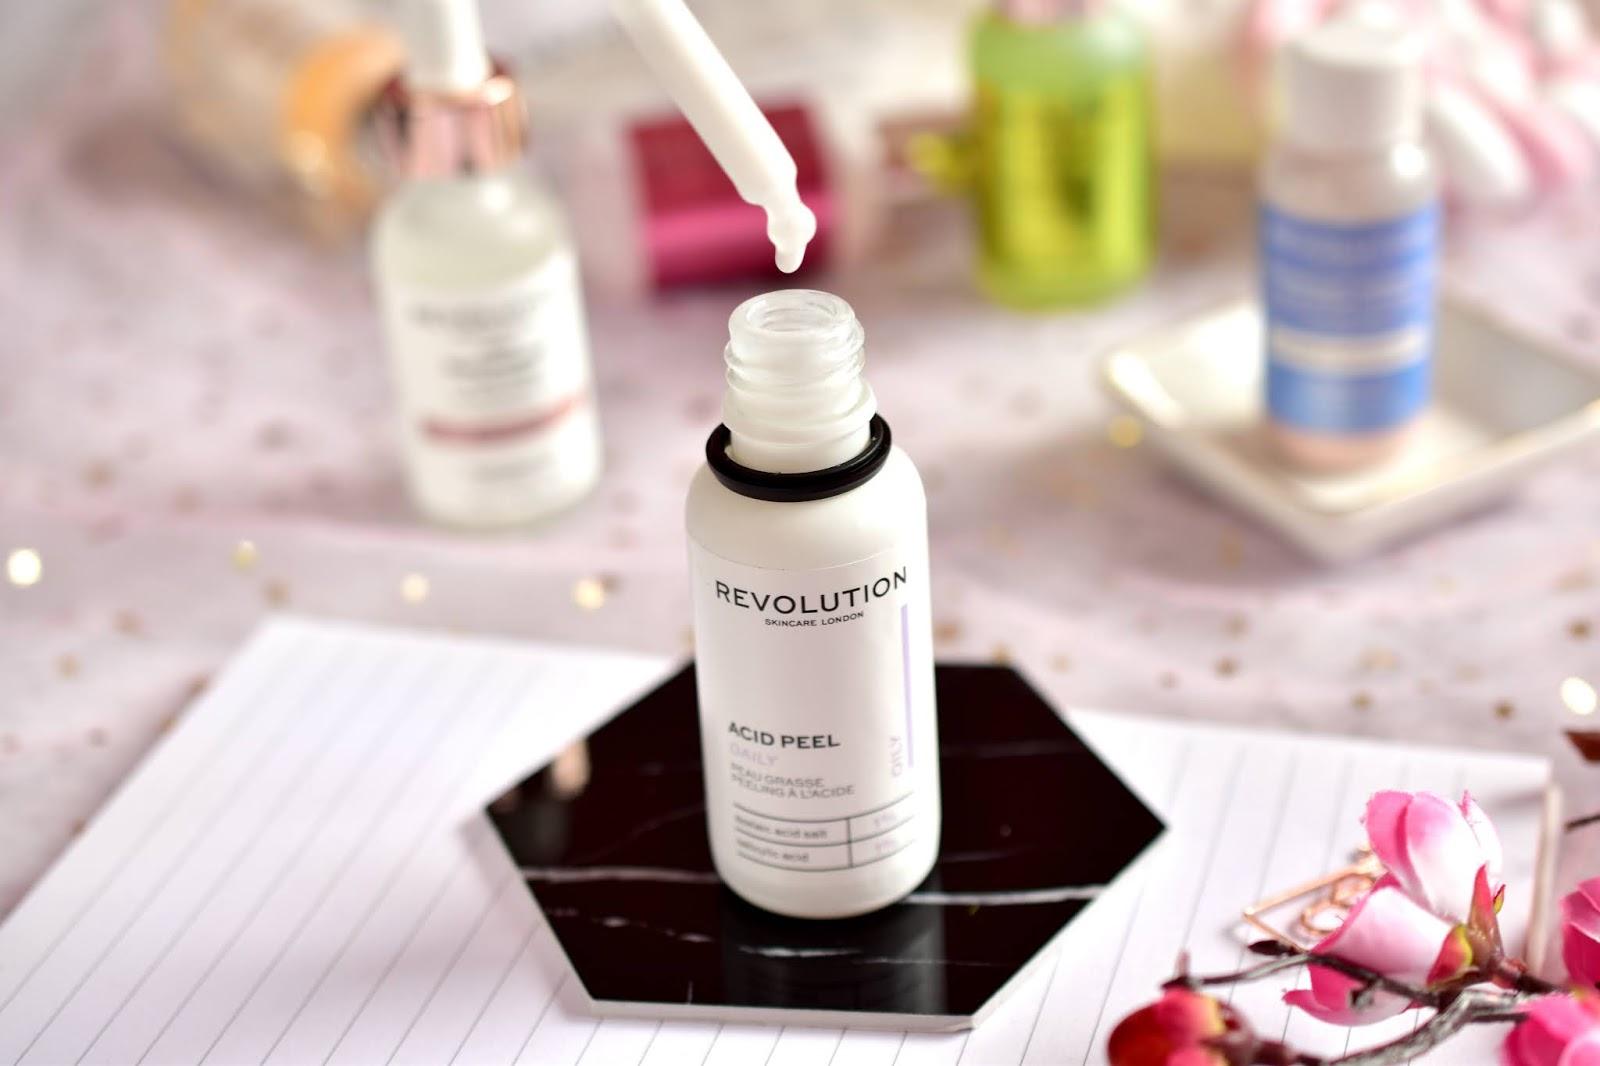 Revolution Skincare Acid Peel azelaic adic